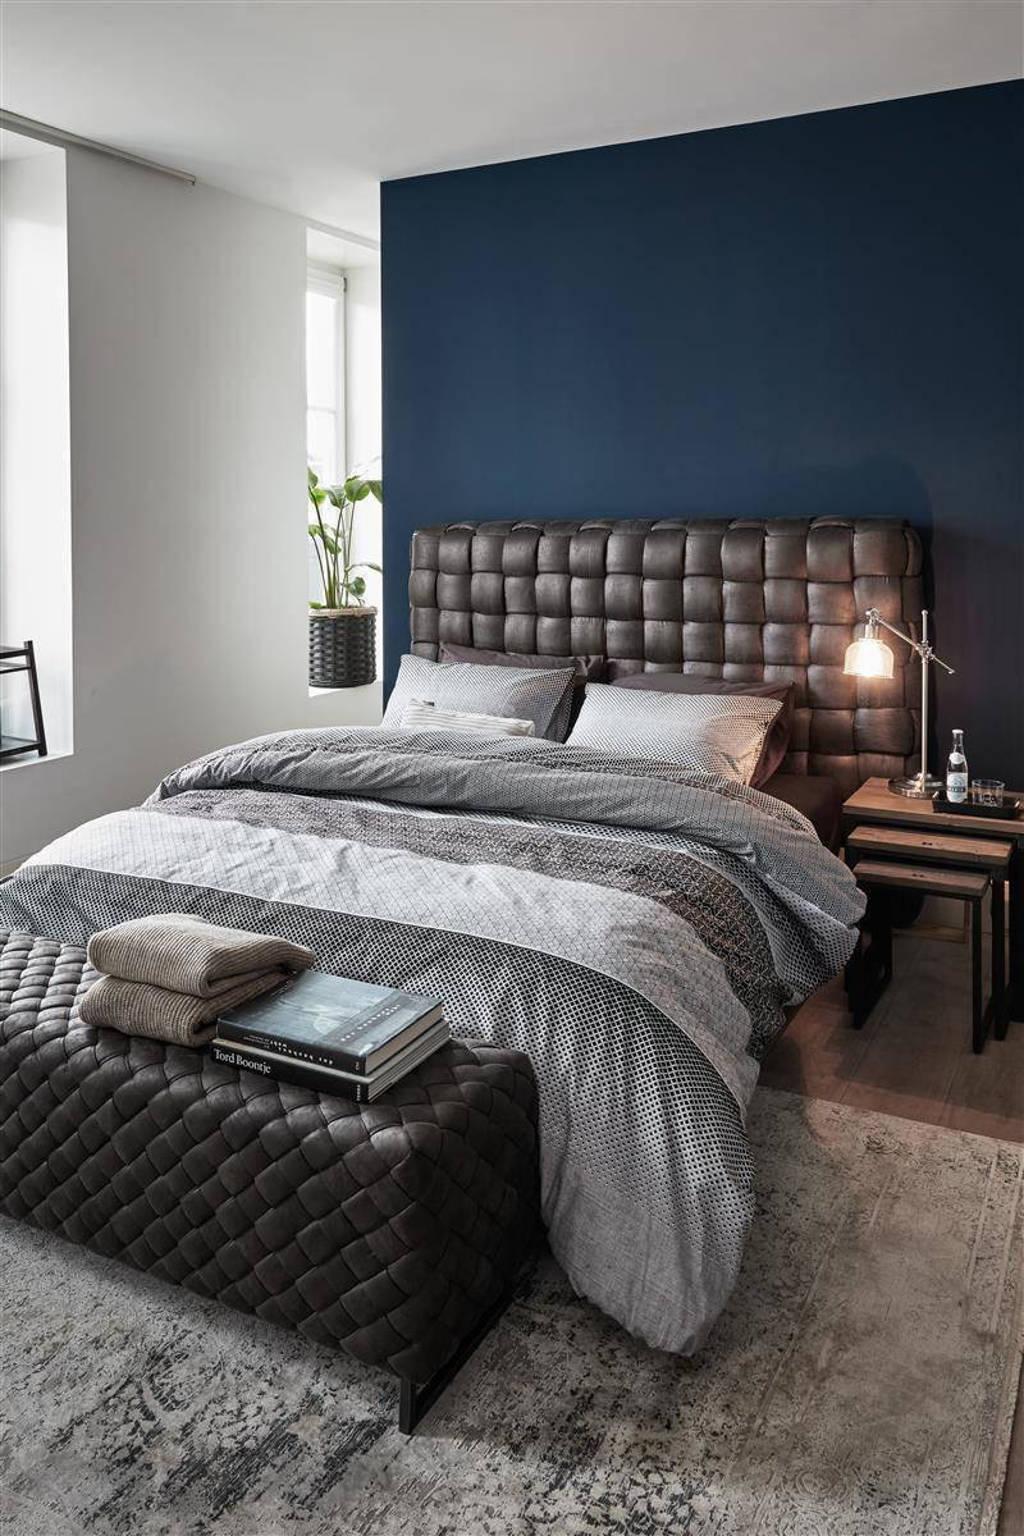 Riviera Maison katoenen dekbedovertrek lits-jumeaux, Lits-jumeaux (240 cm breed), Grijs